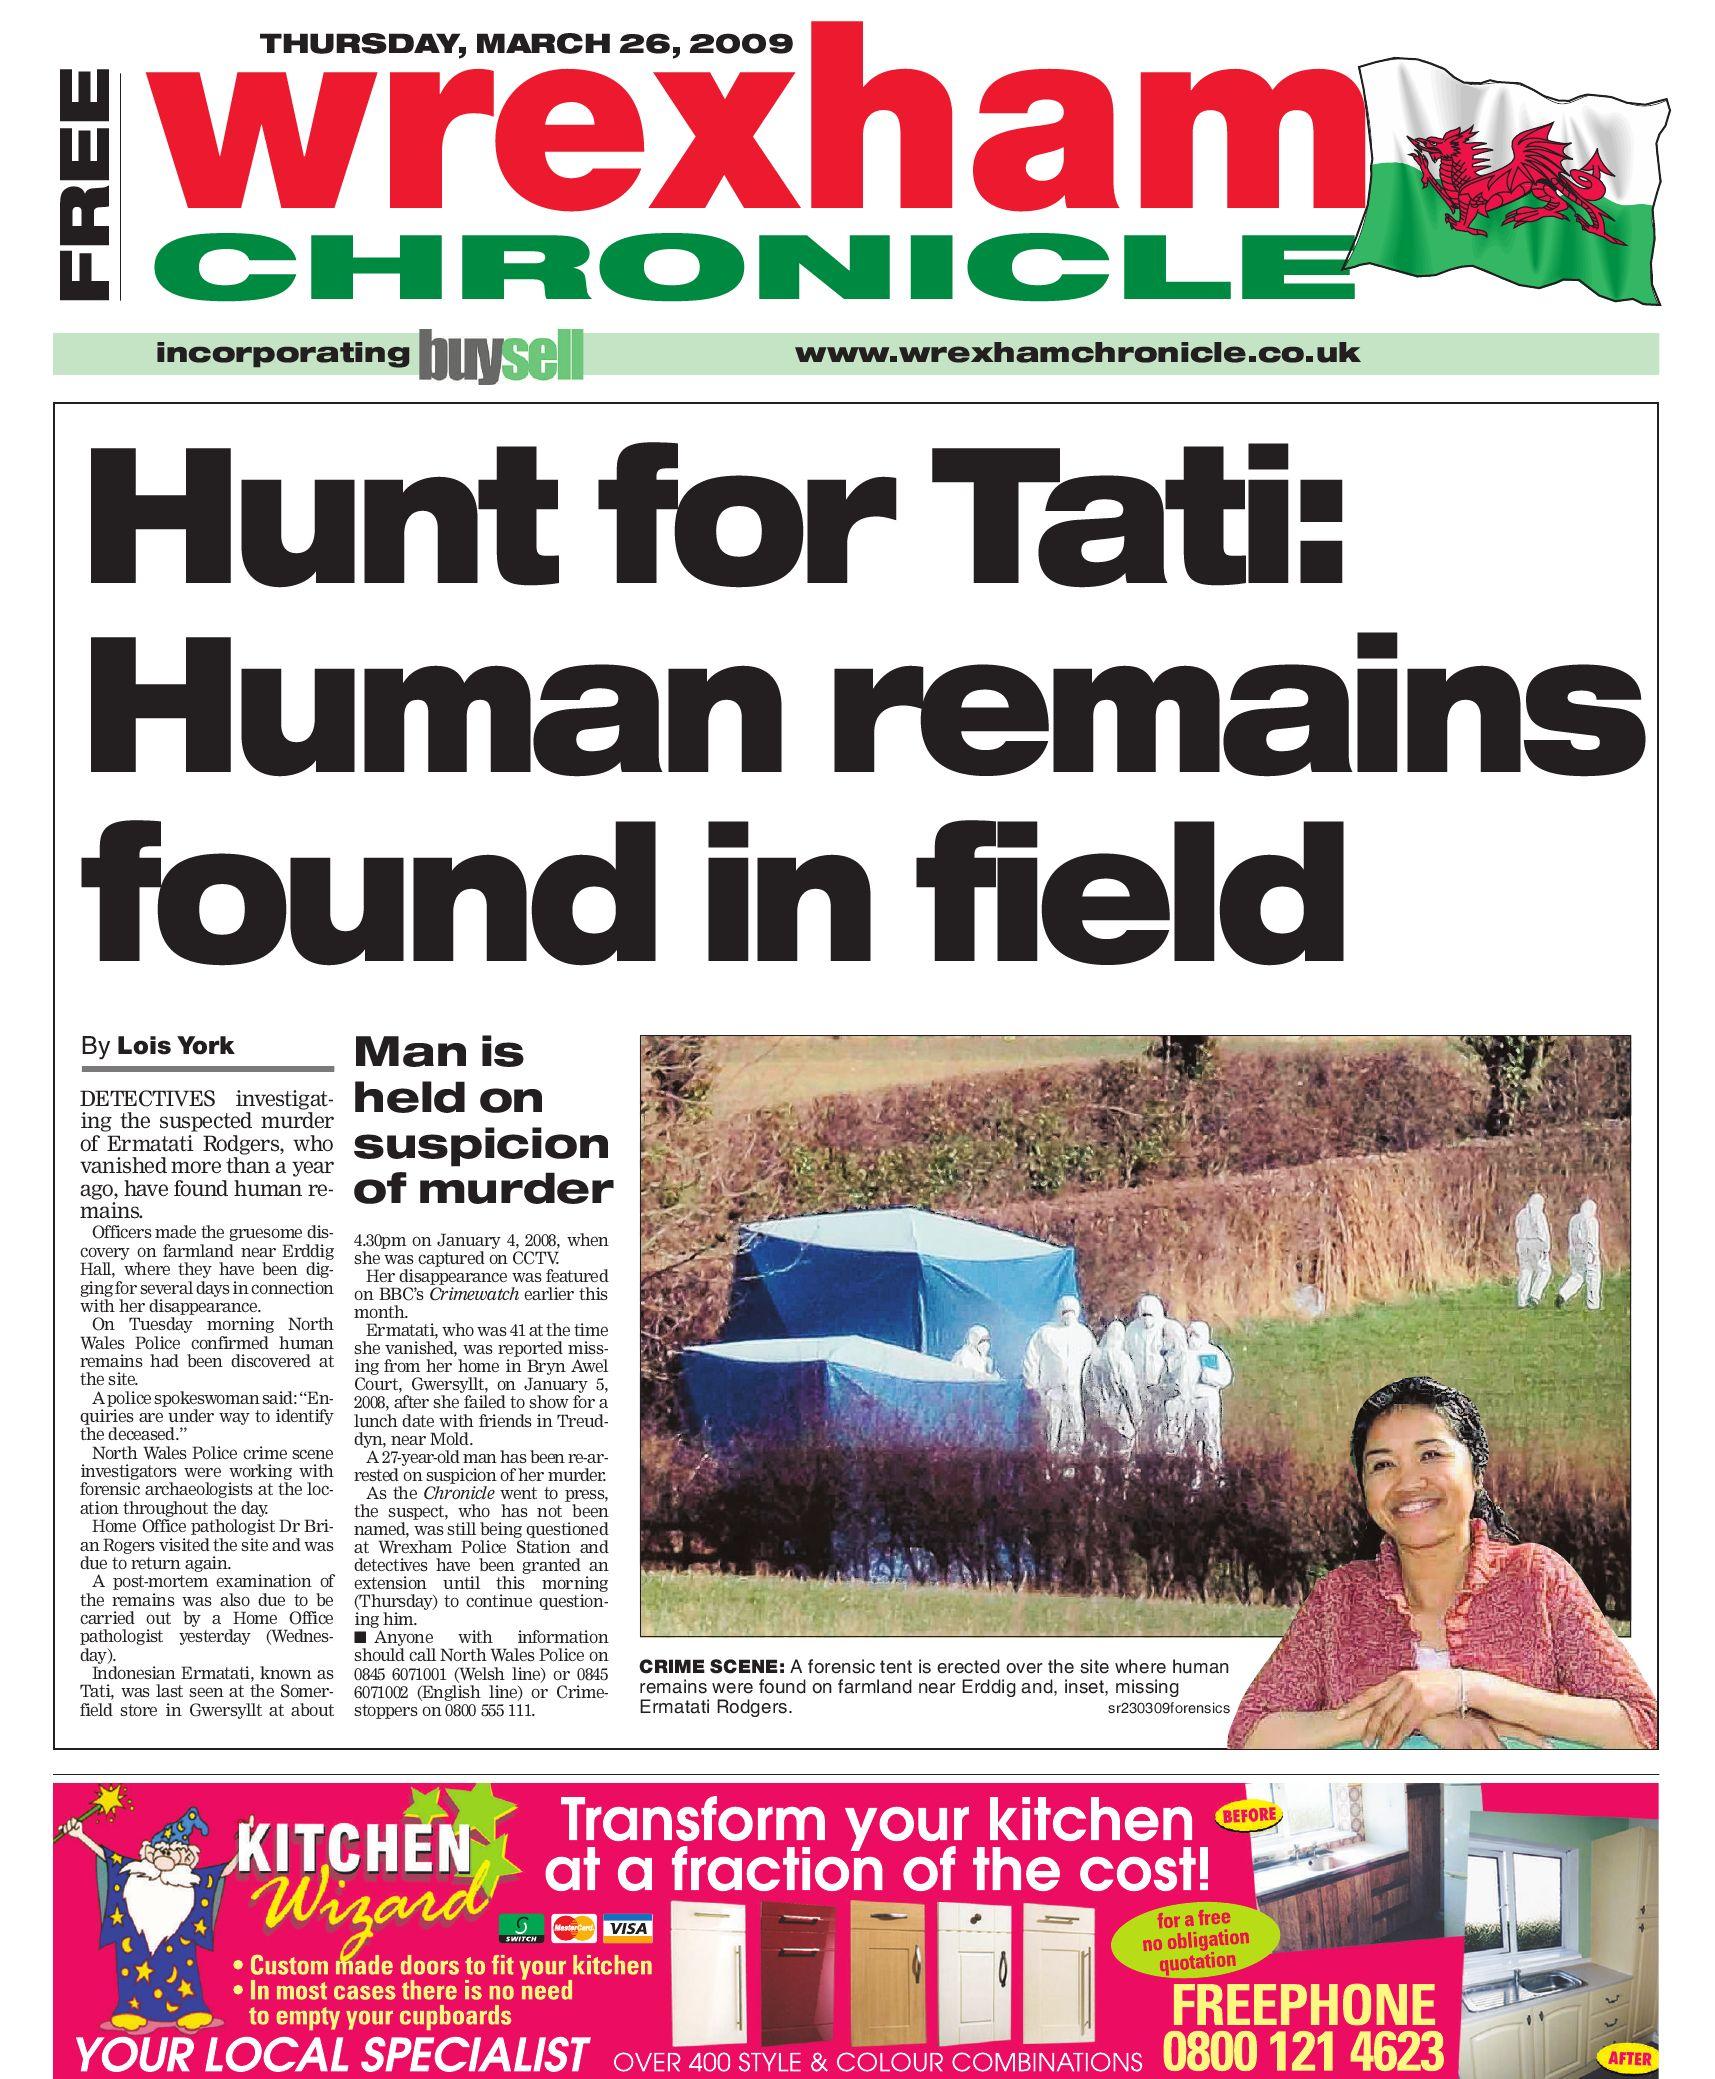 Wrexham Chronicle, 26/3/09